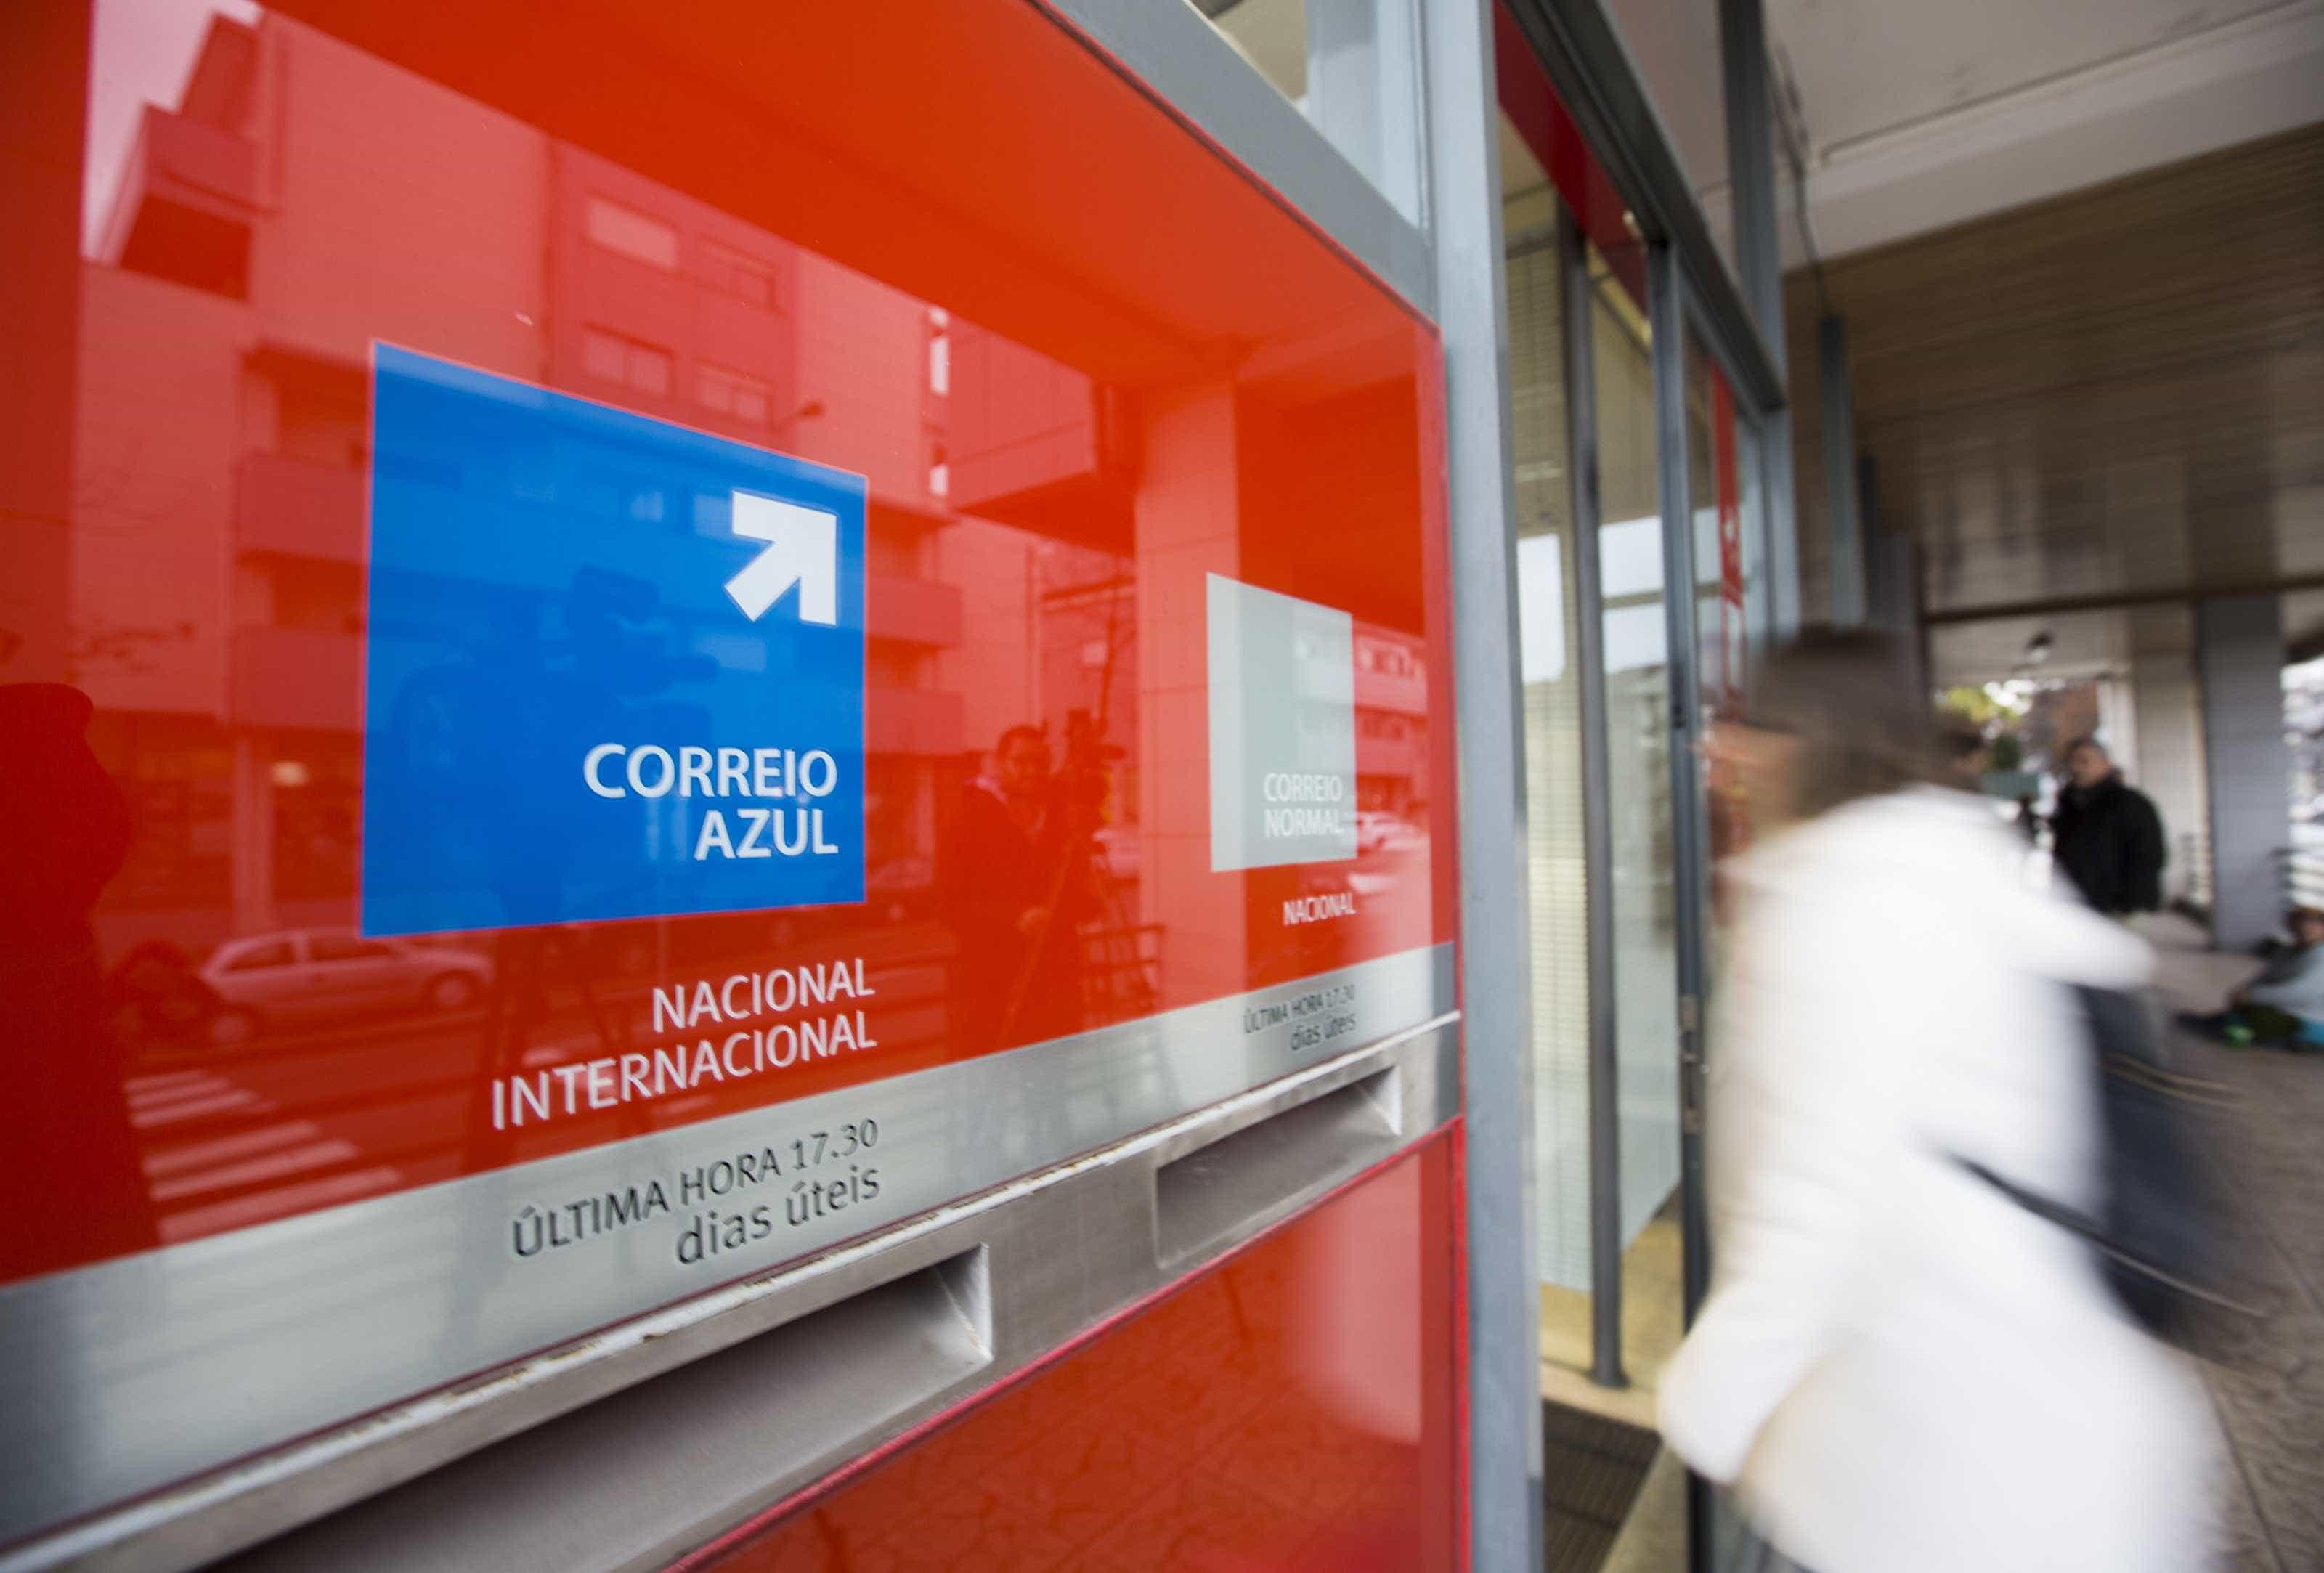 CTT discordam de sentido provável de decisão da Anacom sobre gastos